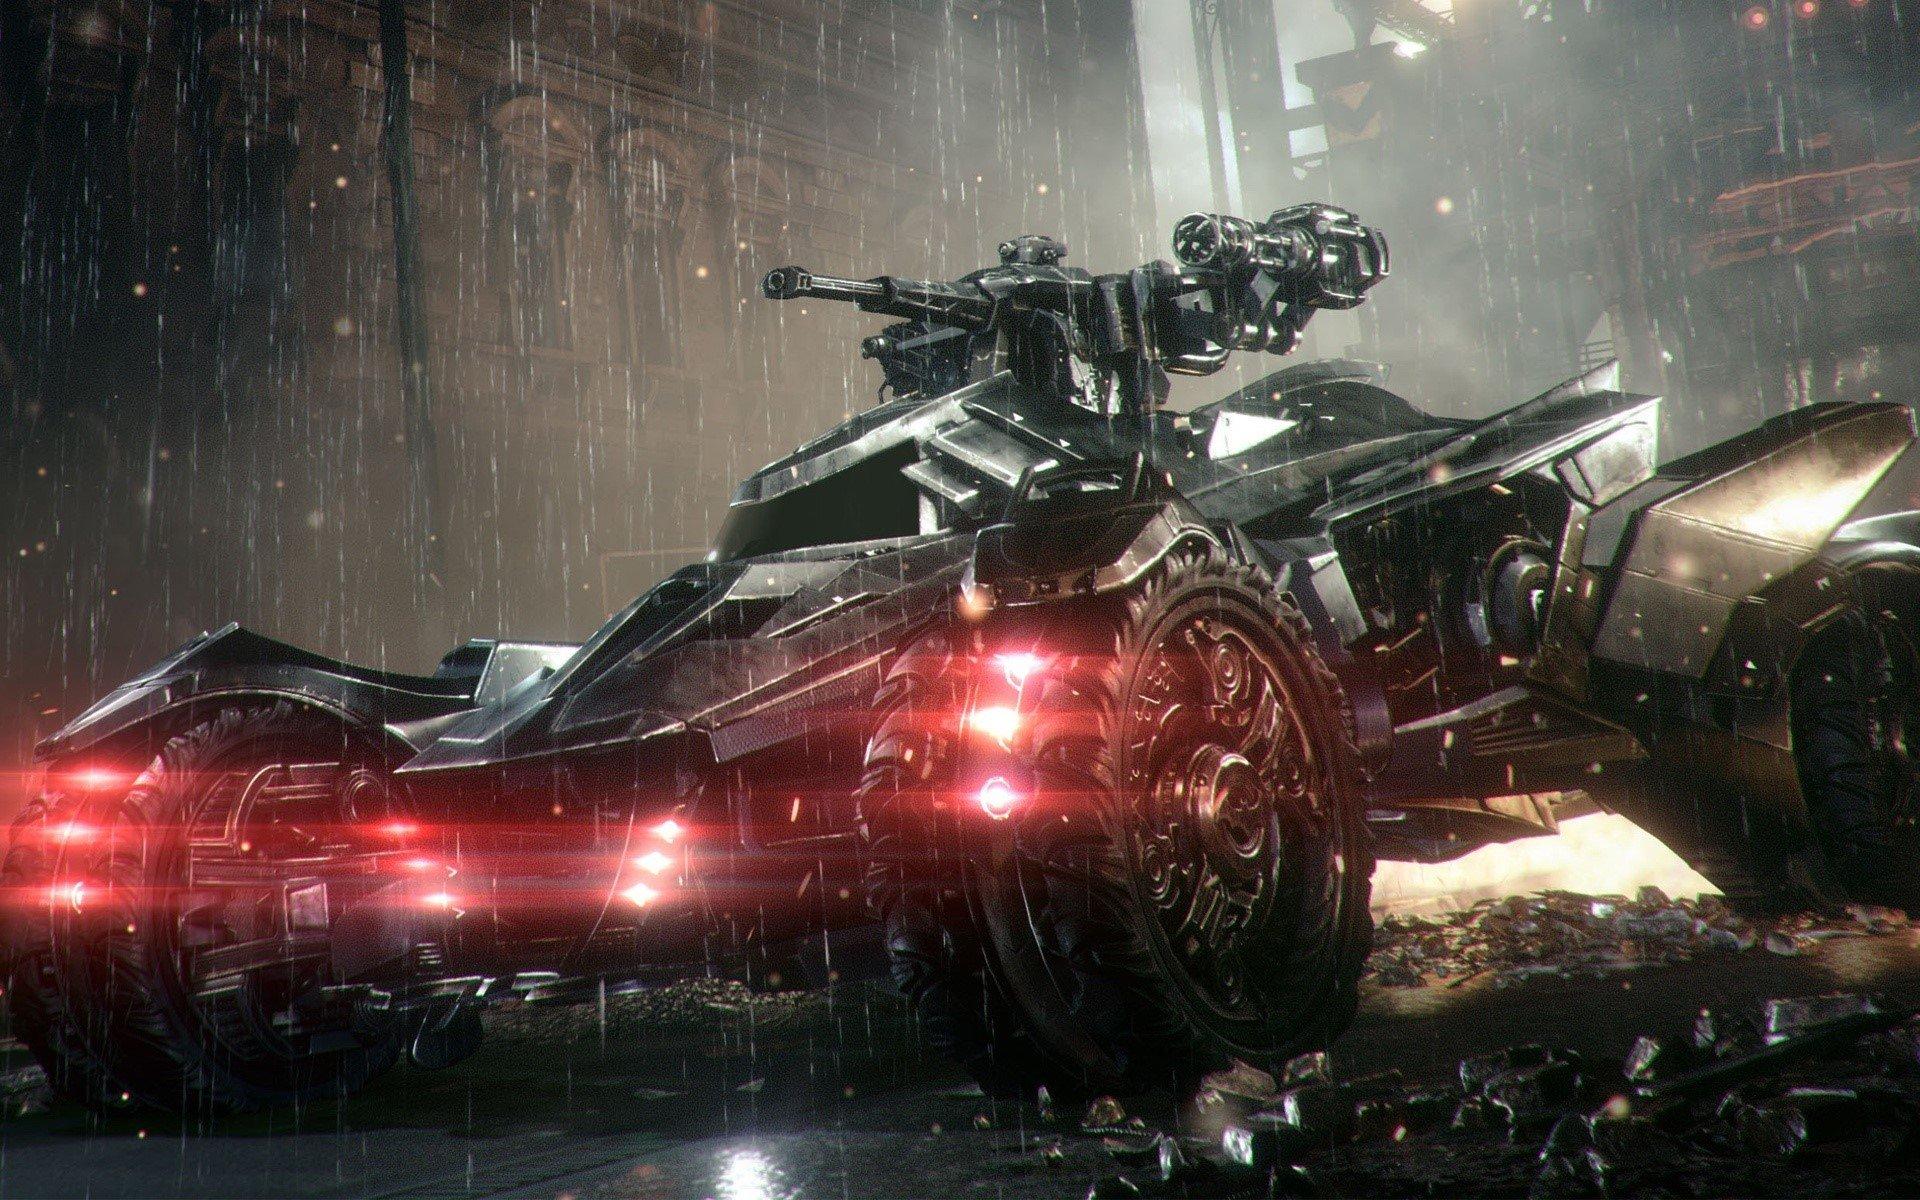 Fondos de pantalla Batmobilen en Arkham Knight